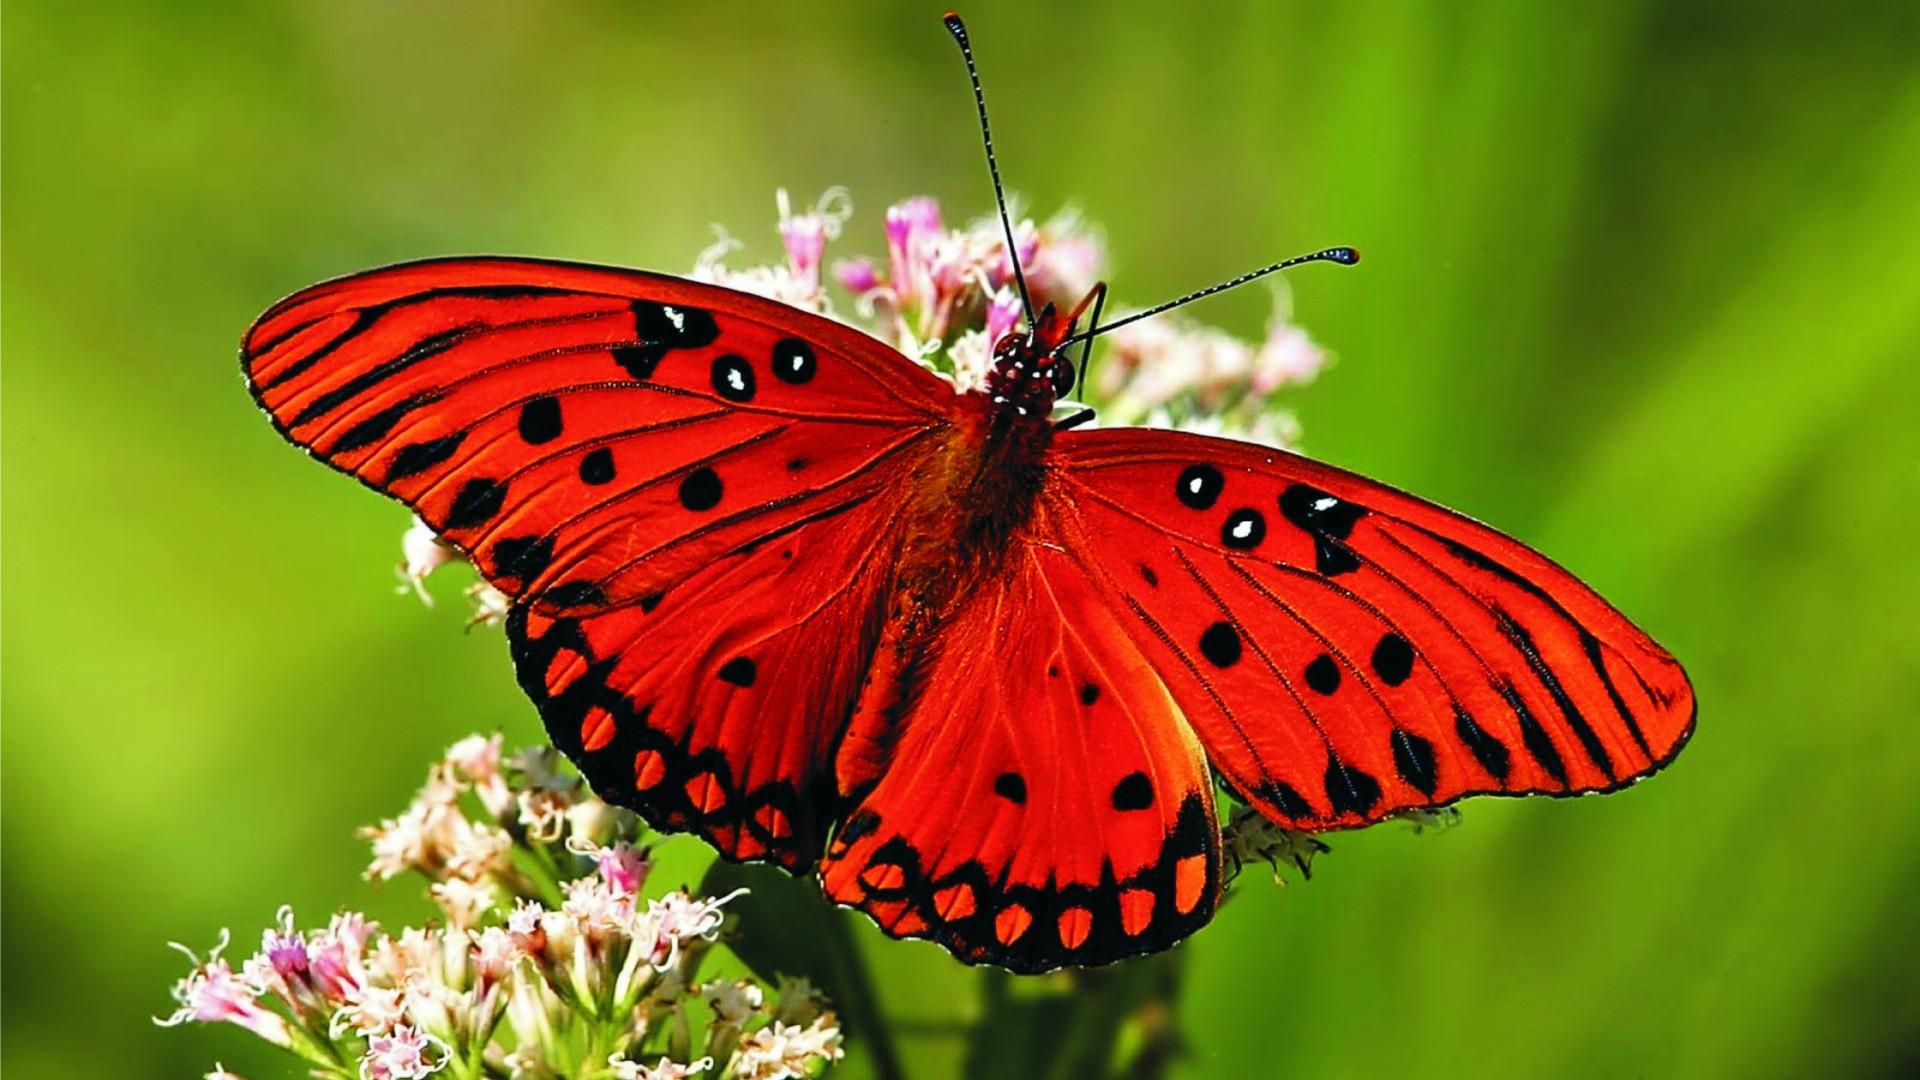 Desktop Hd Butterfly Wallpaper Butterfly Images Hd 1920x1080 Wallpaper Teahub Io